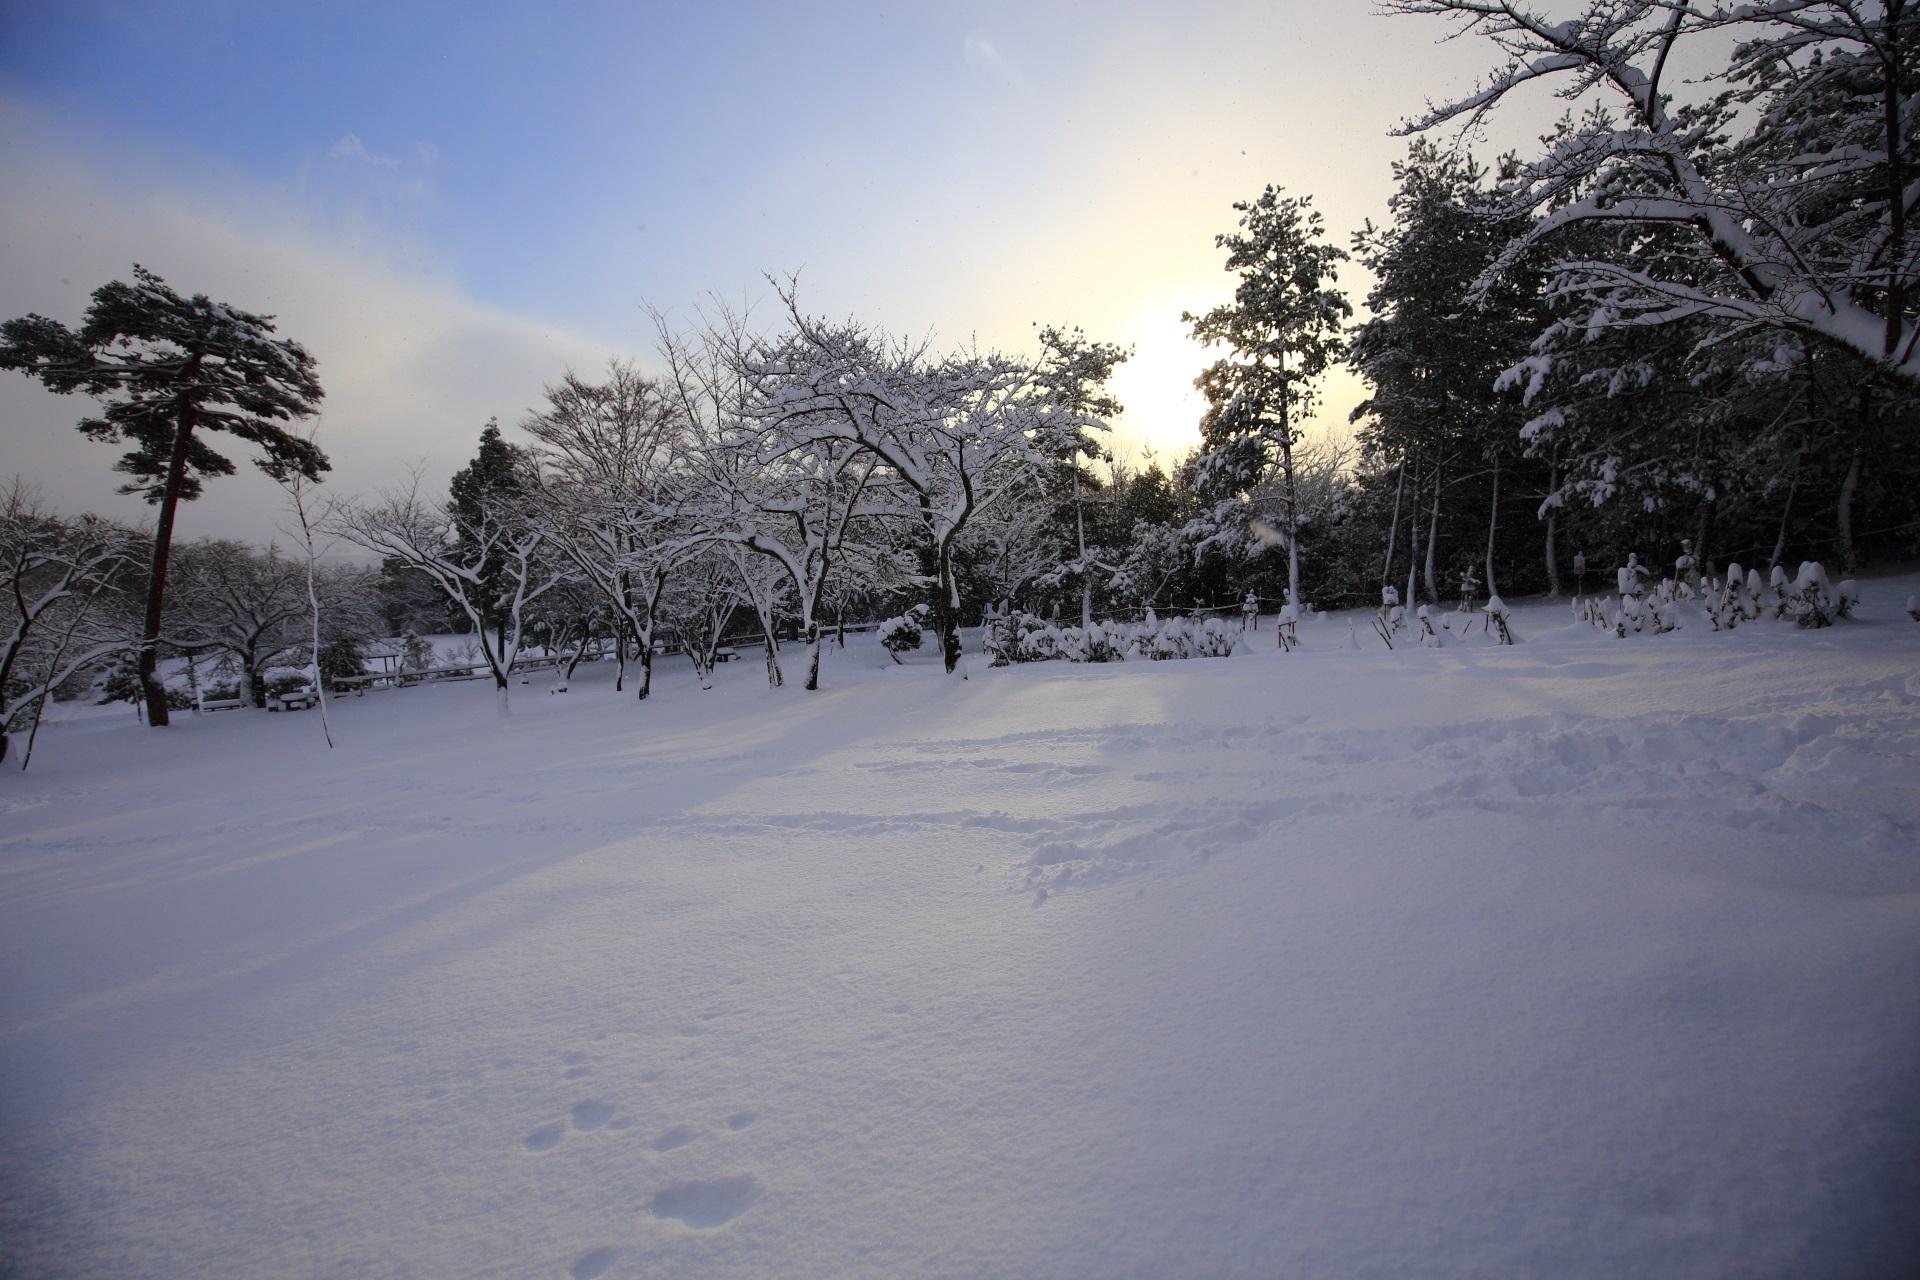 嵐山公園の亀山地区の雪景色と日の出